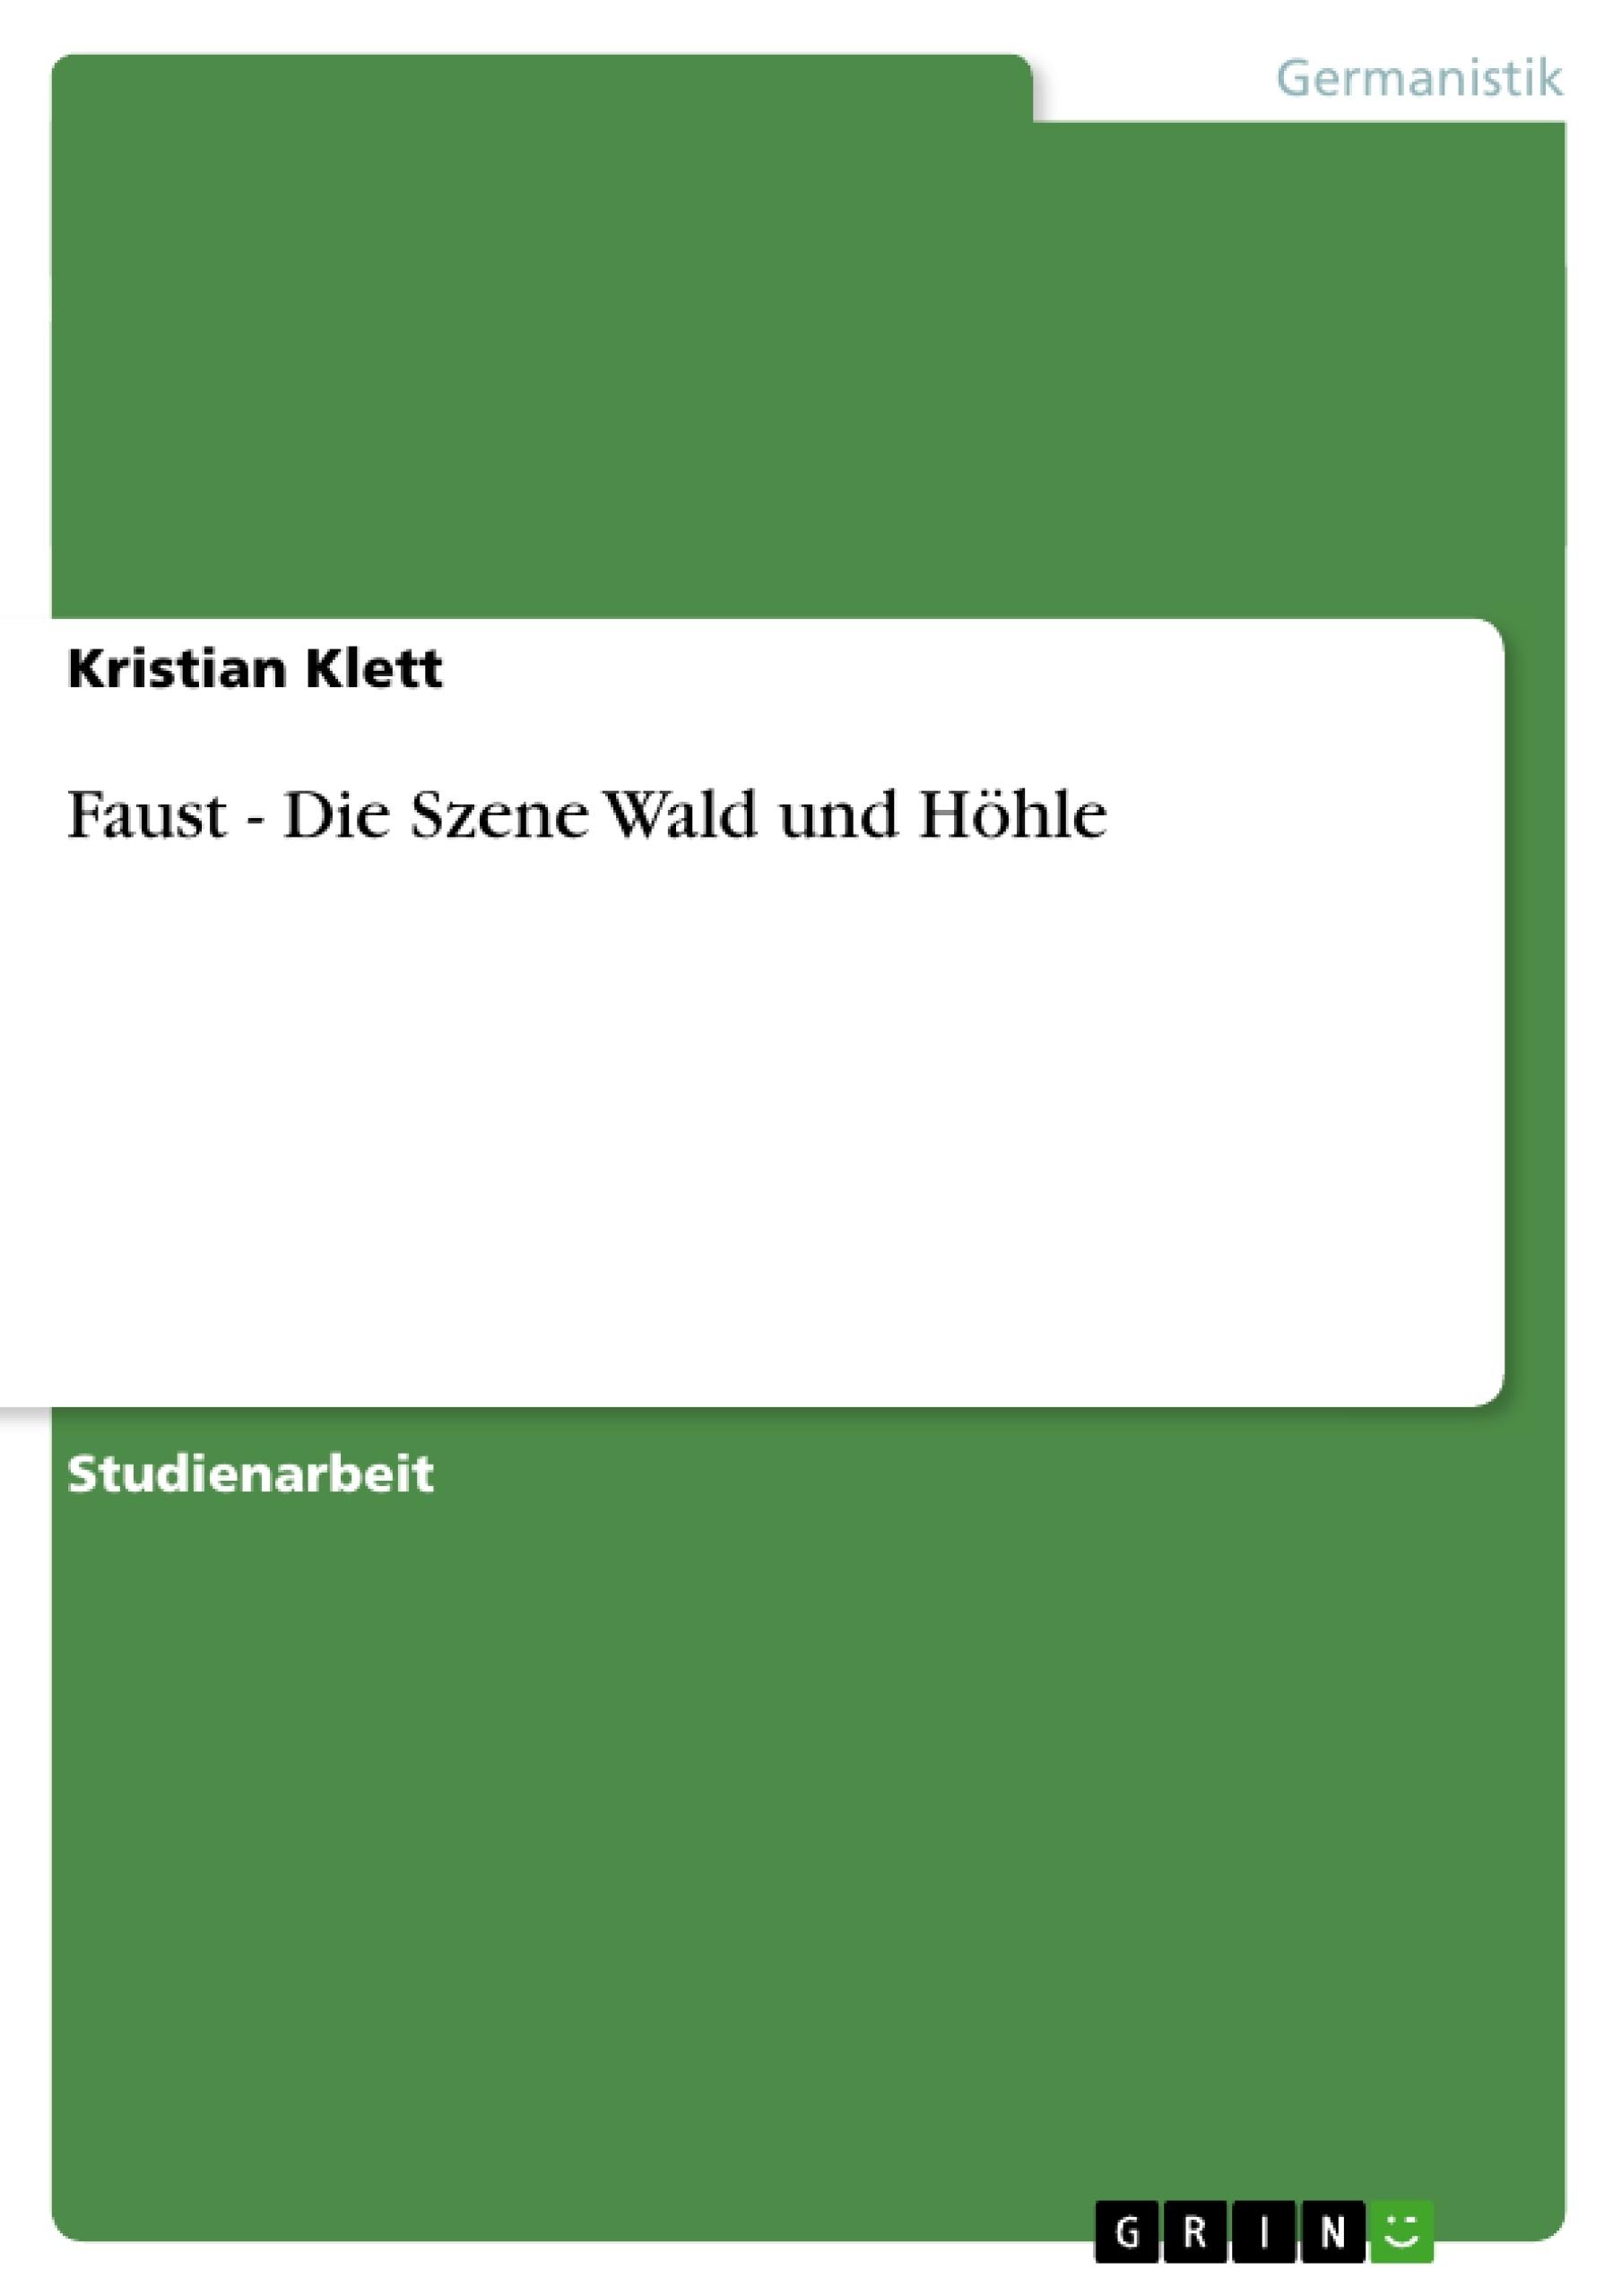 Titel: Faust - Die Szene Wald und Höhle